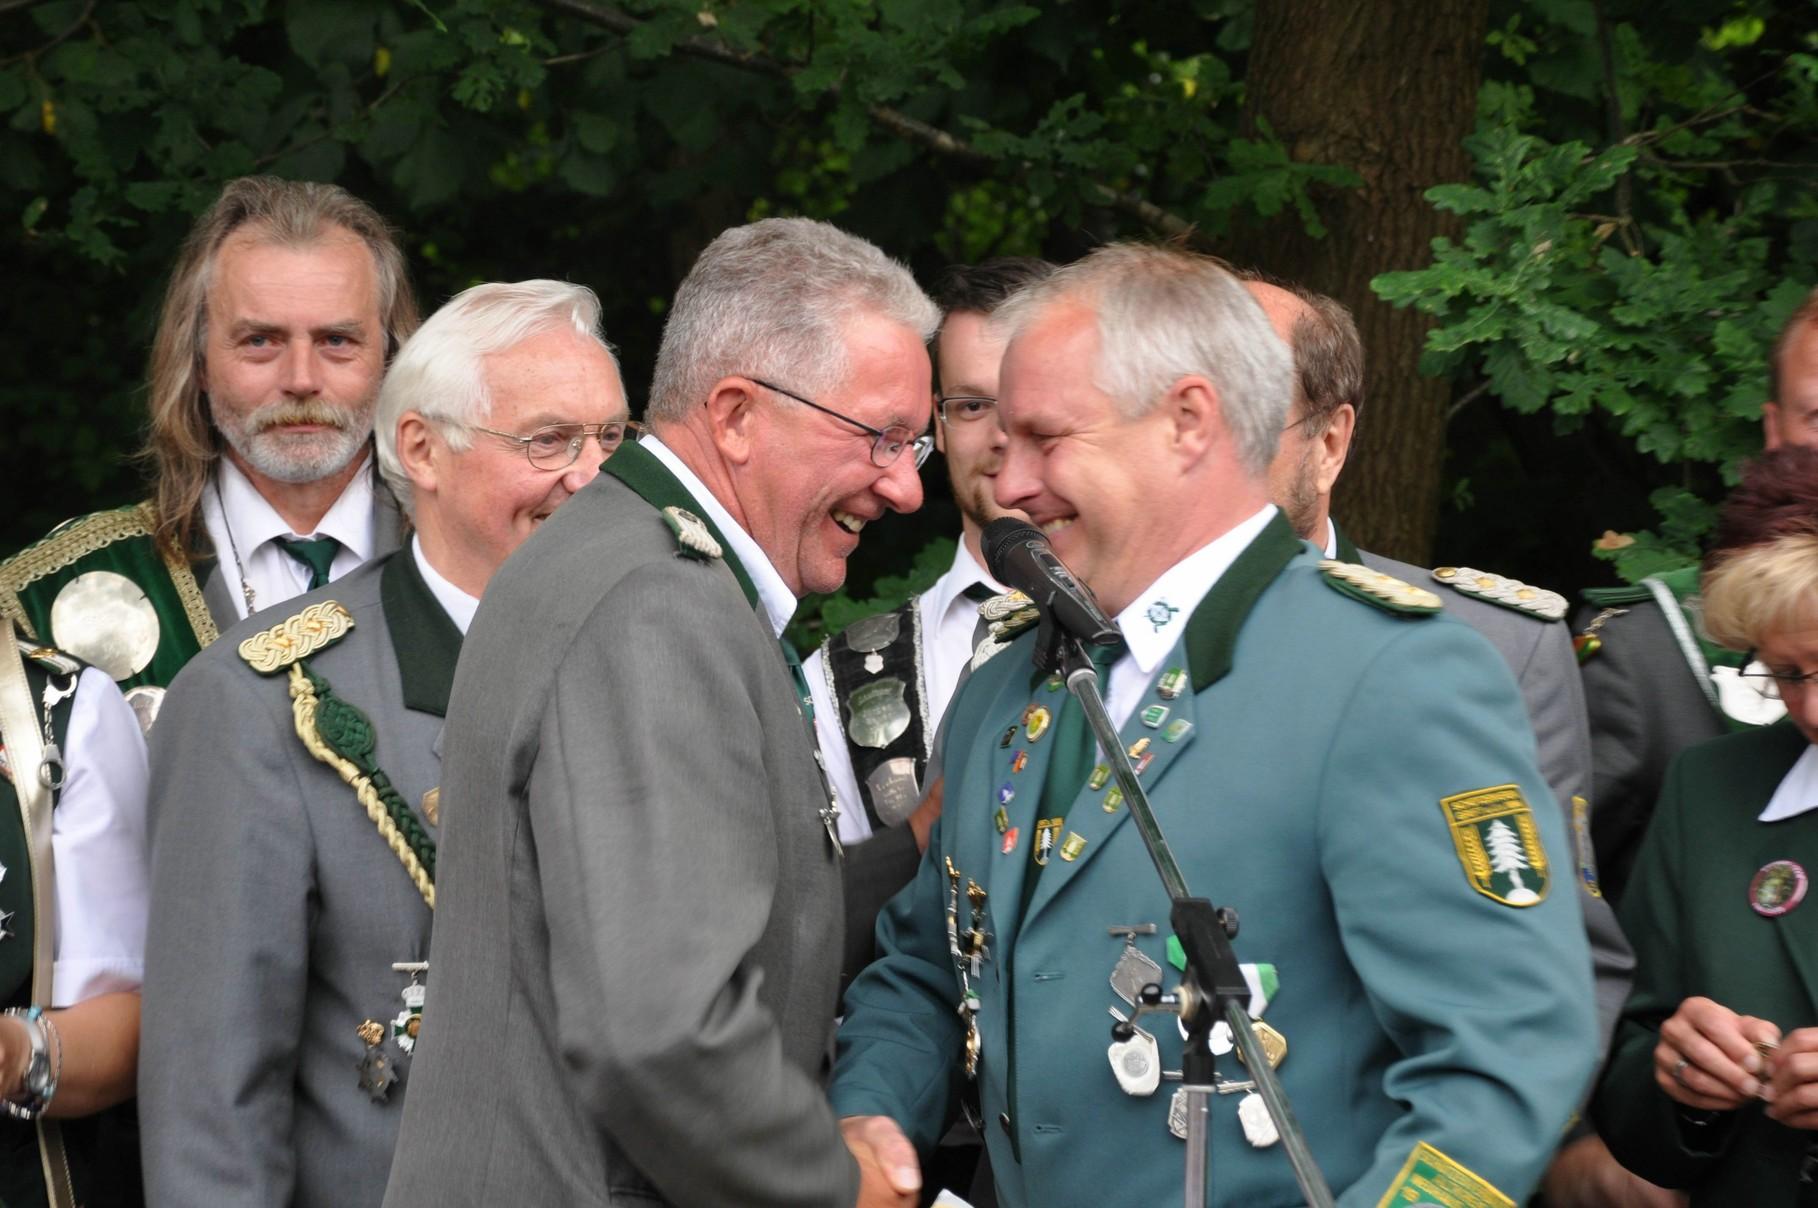 Hans-Hermann Horeis bekam von Stefan Thiele die Verbandsauszeichnung in Bronze